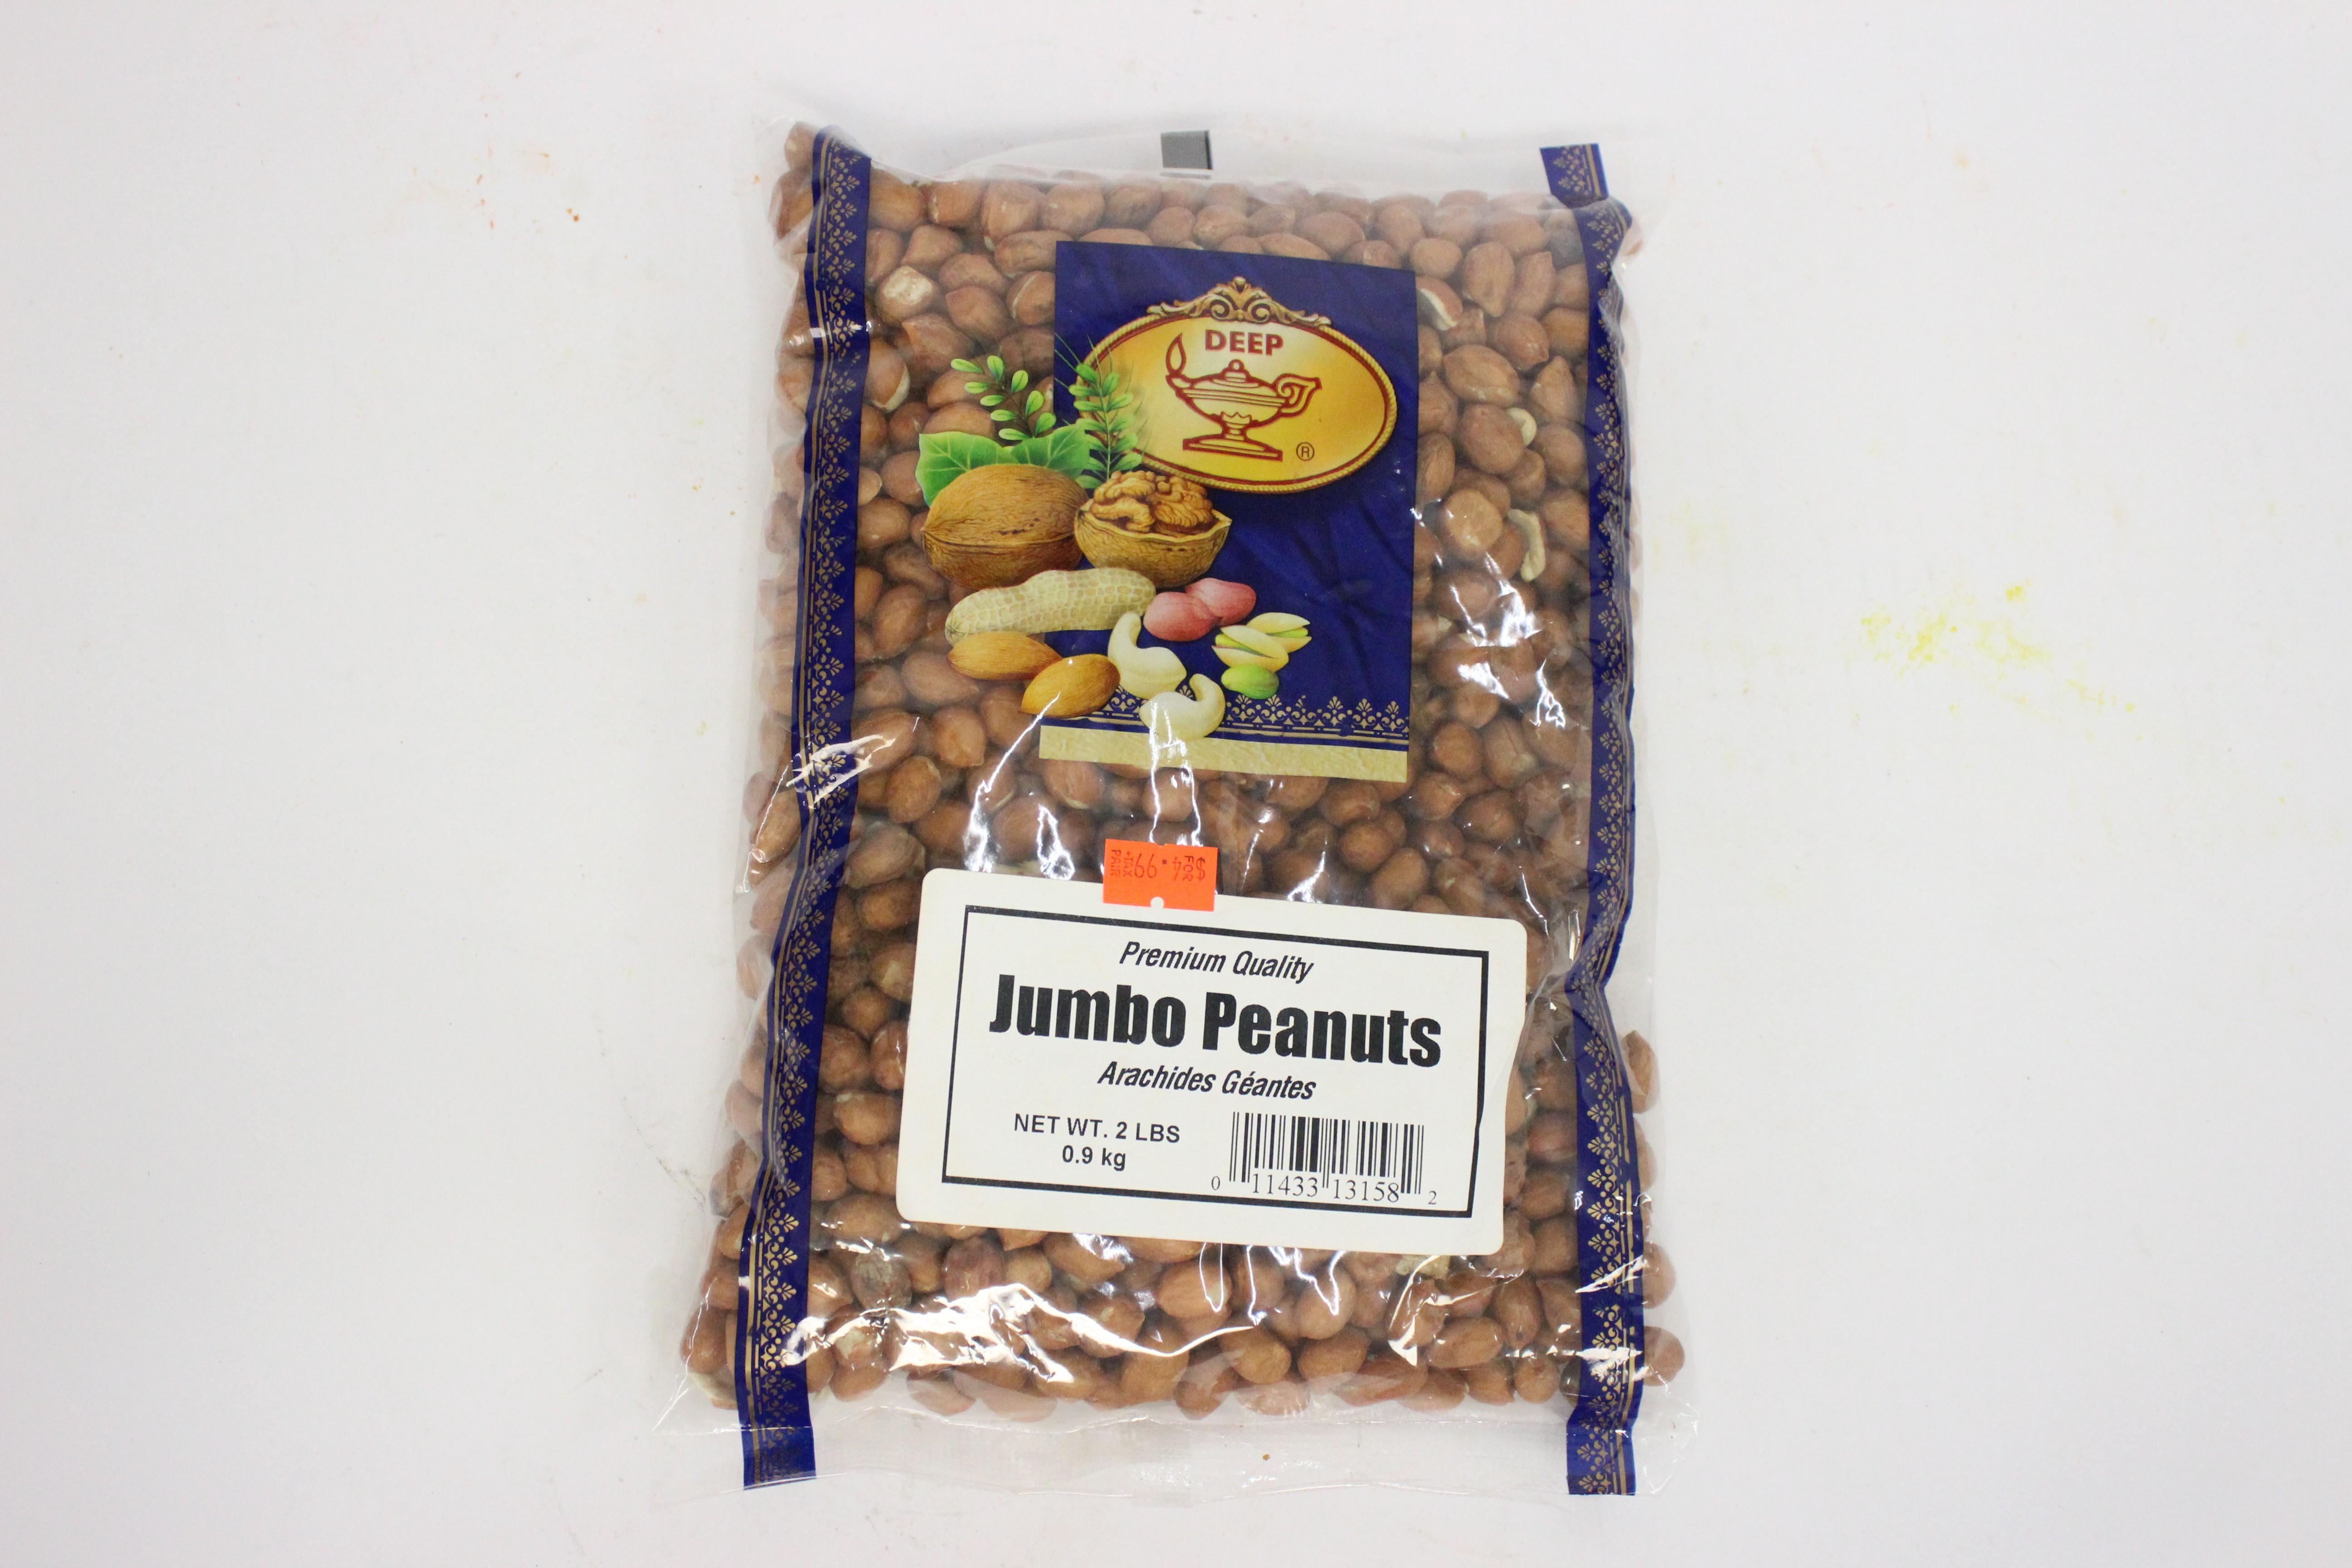 Premium Jumbo Peanuts 28 oz